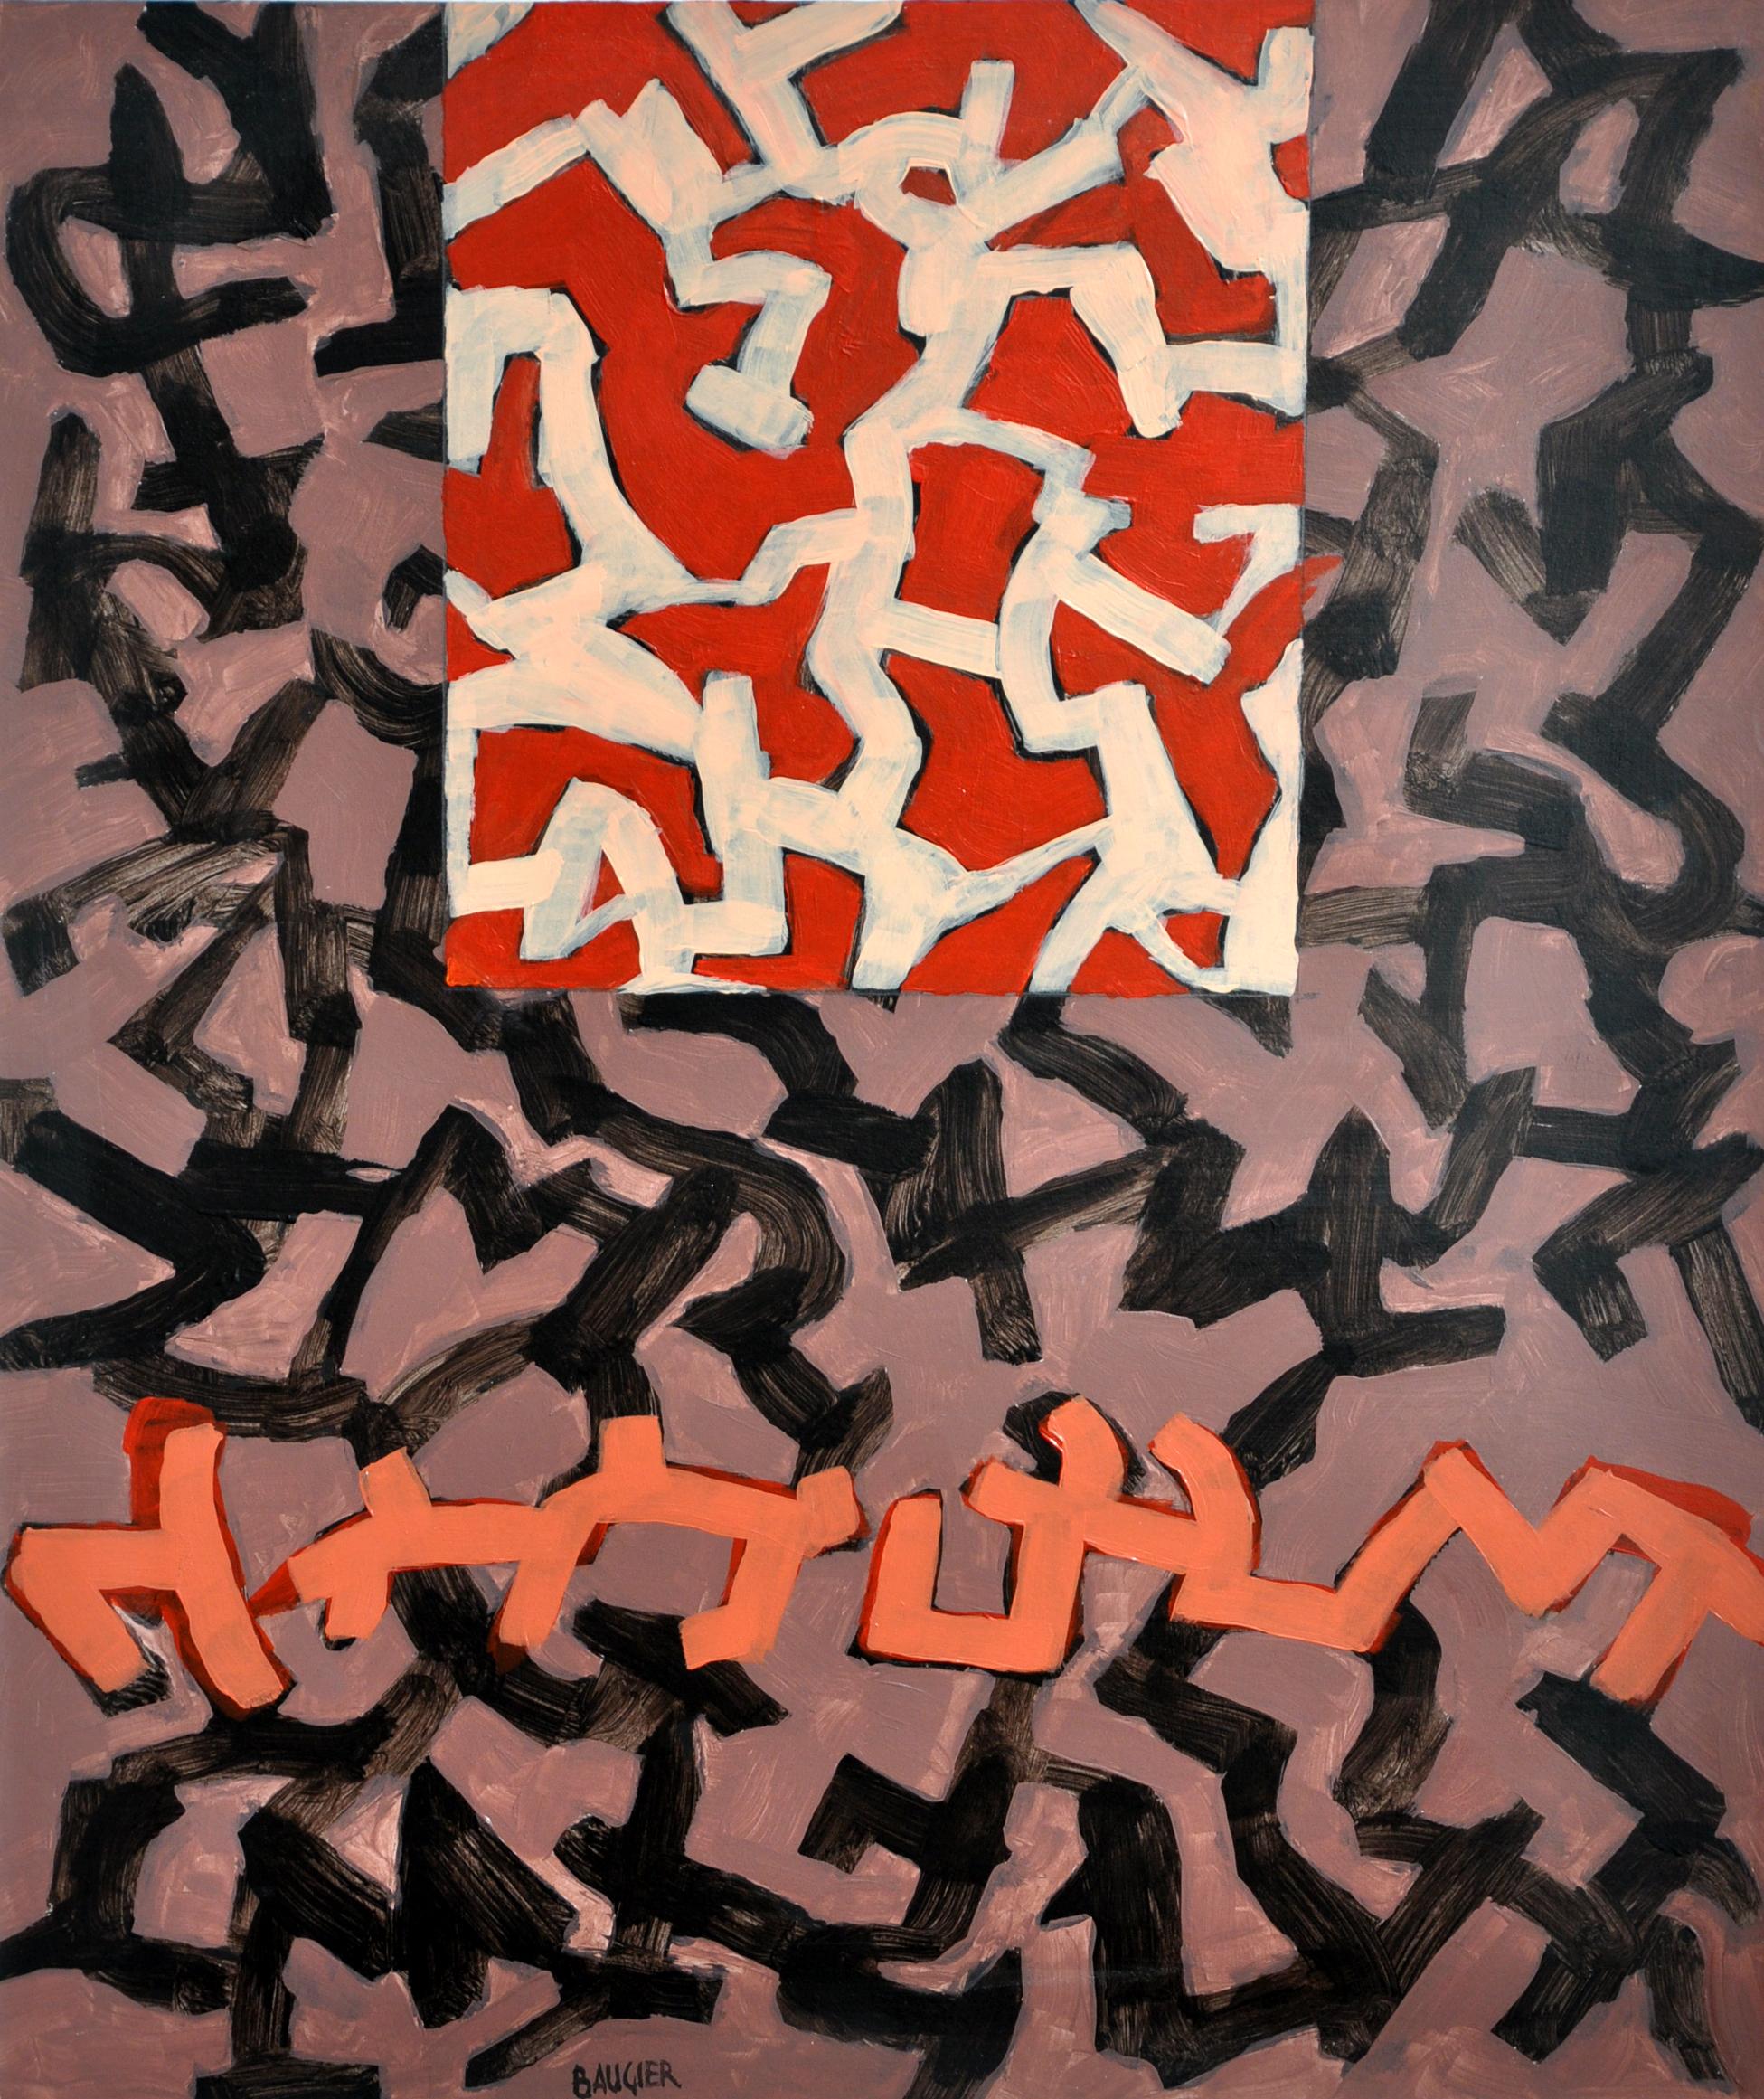 879 70X60 PAPIER SUR TOILE 2008